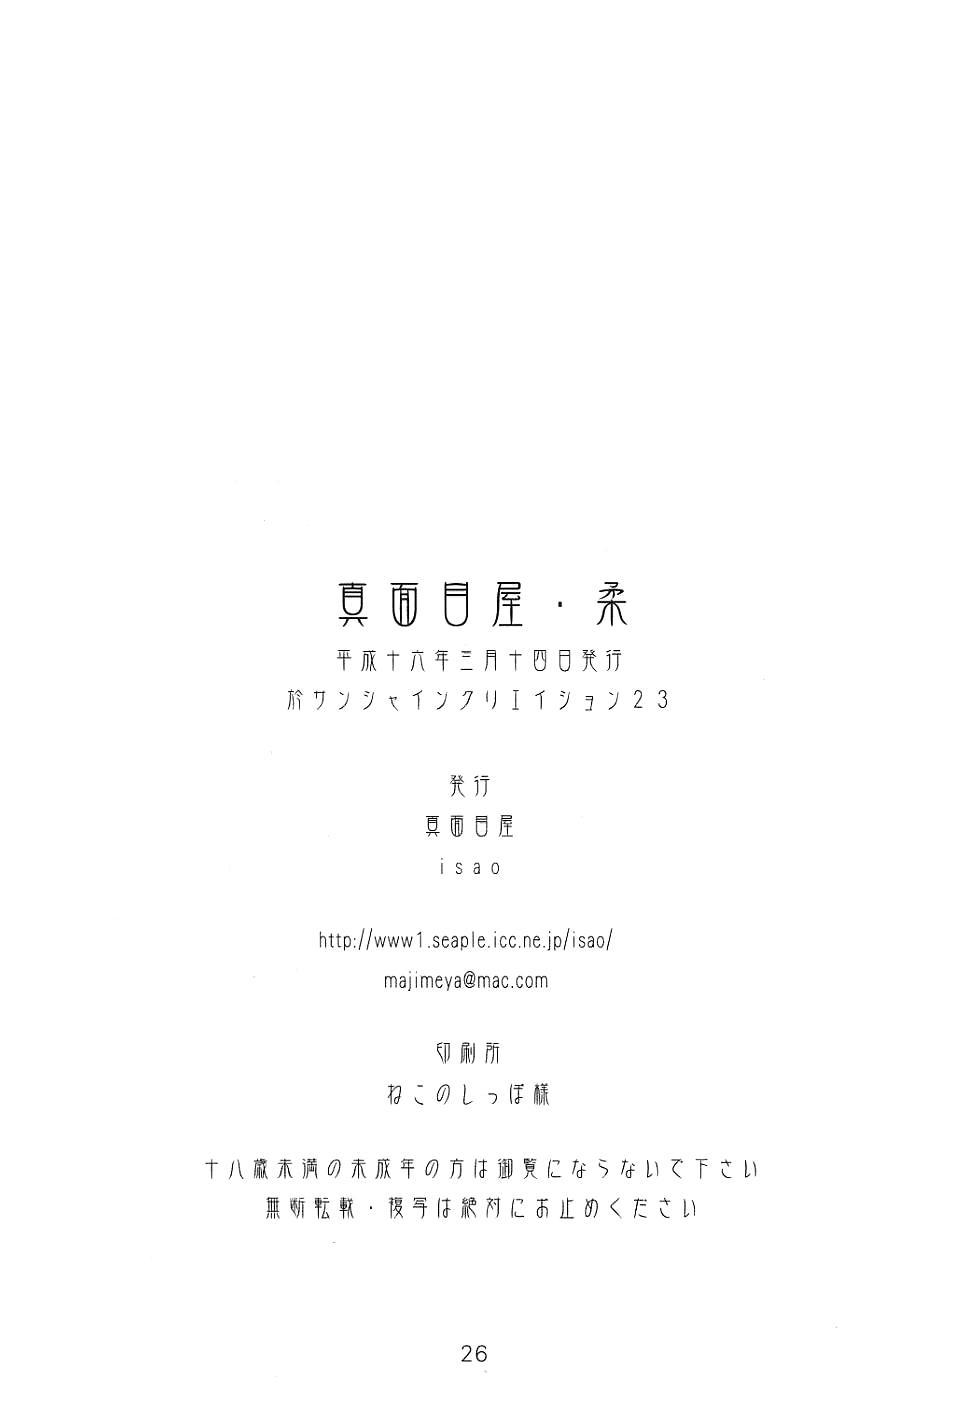 Majimeya Yawa 25